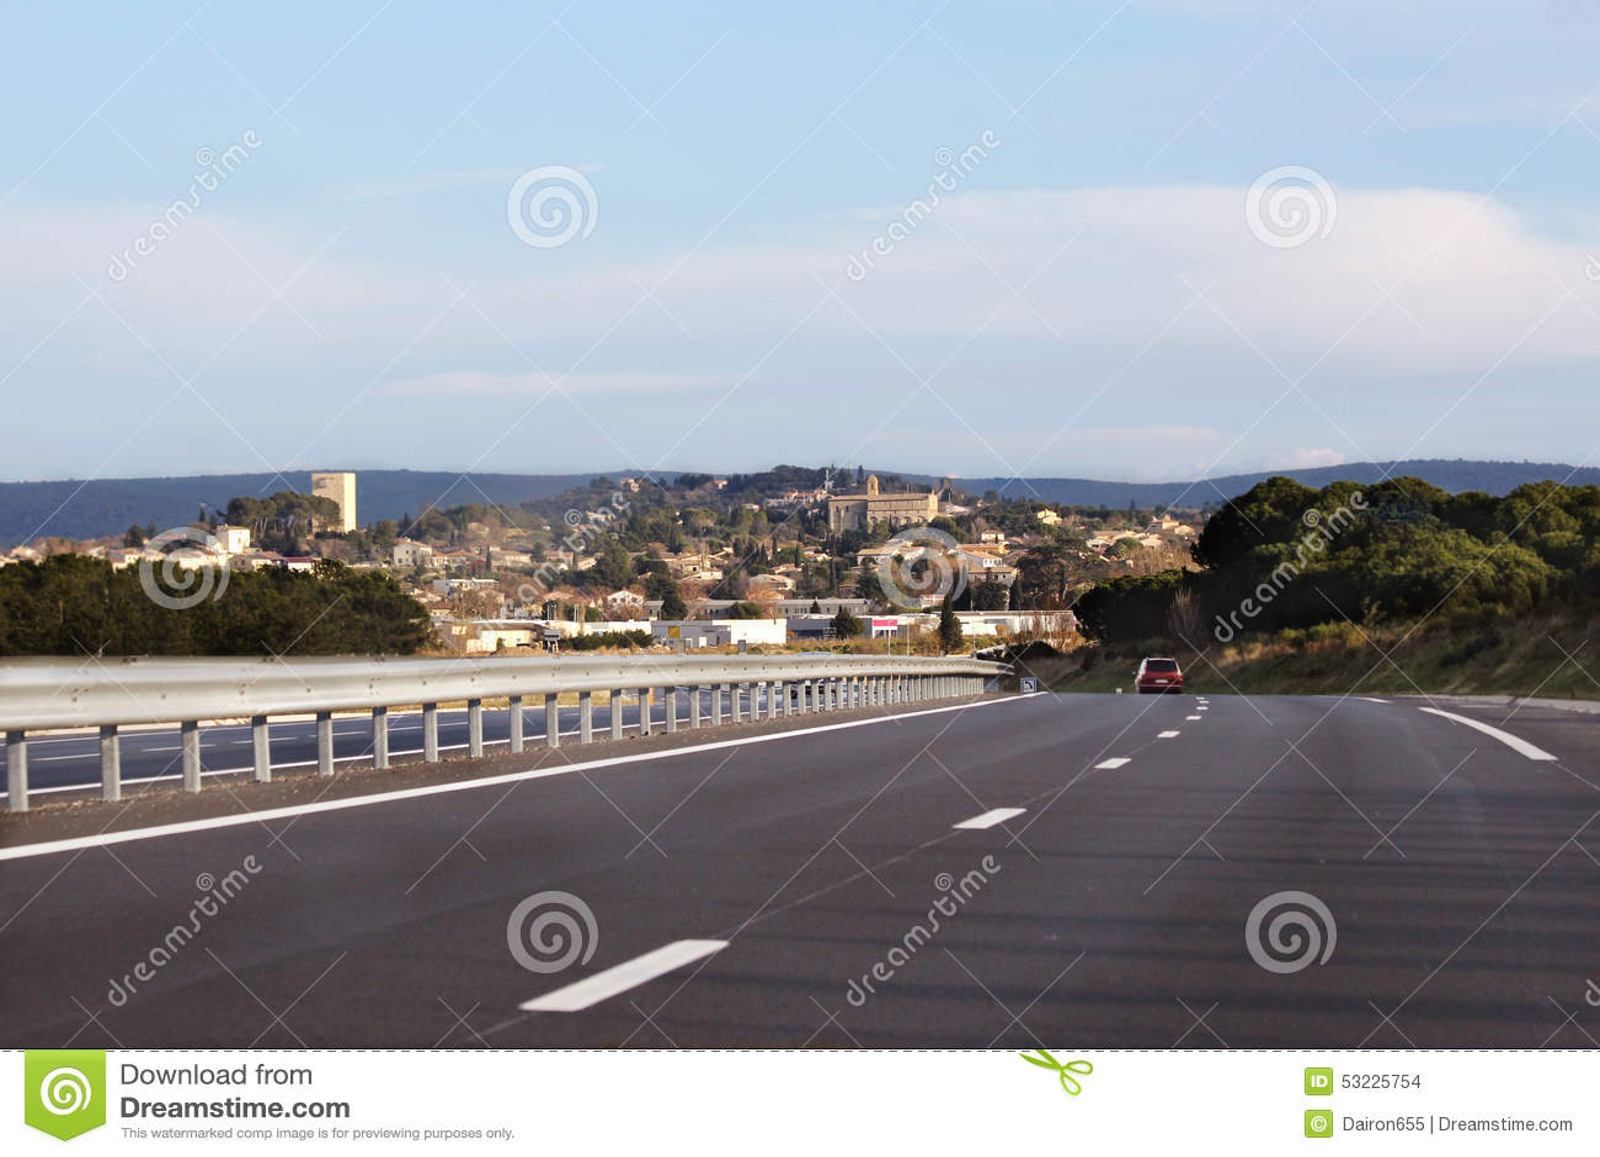 Carretera Francia